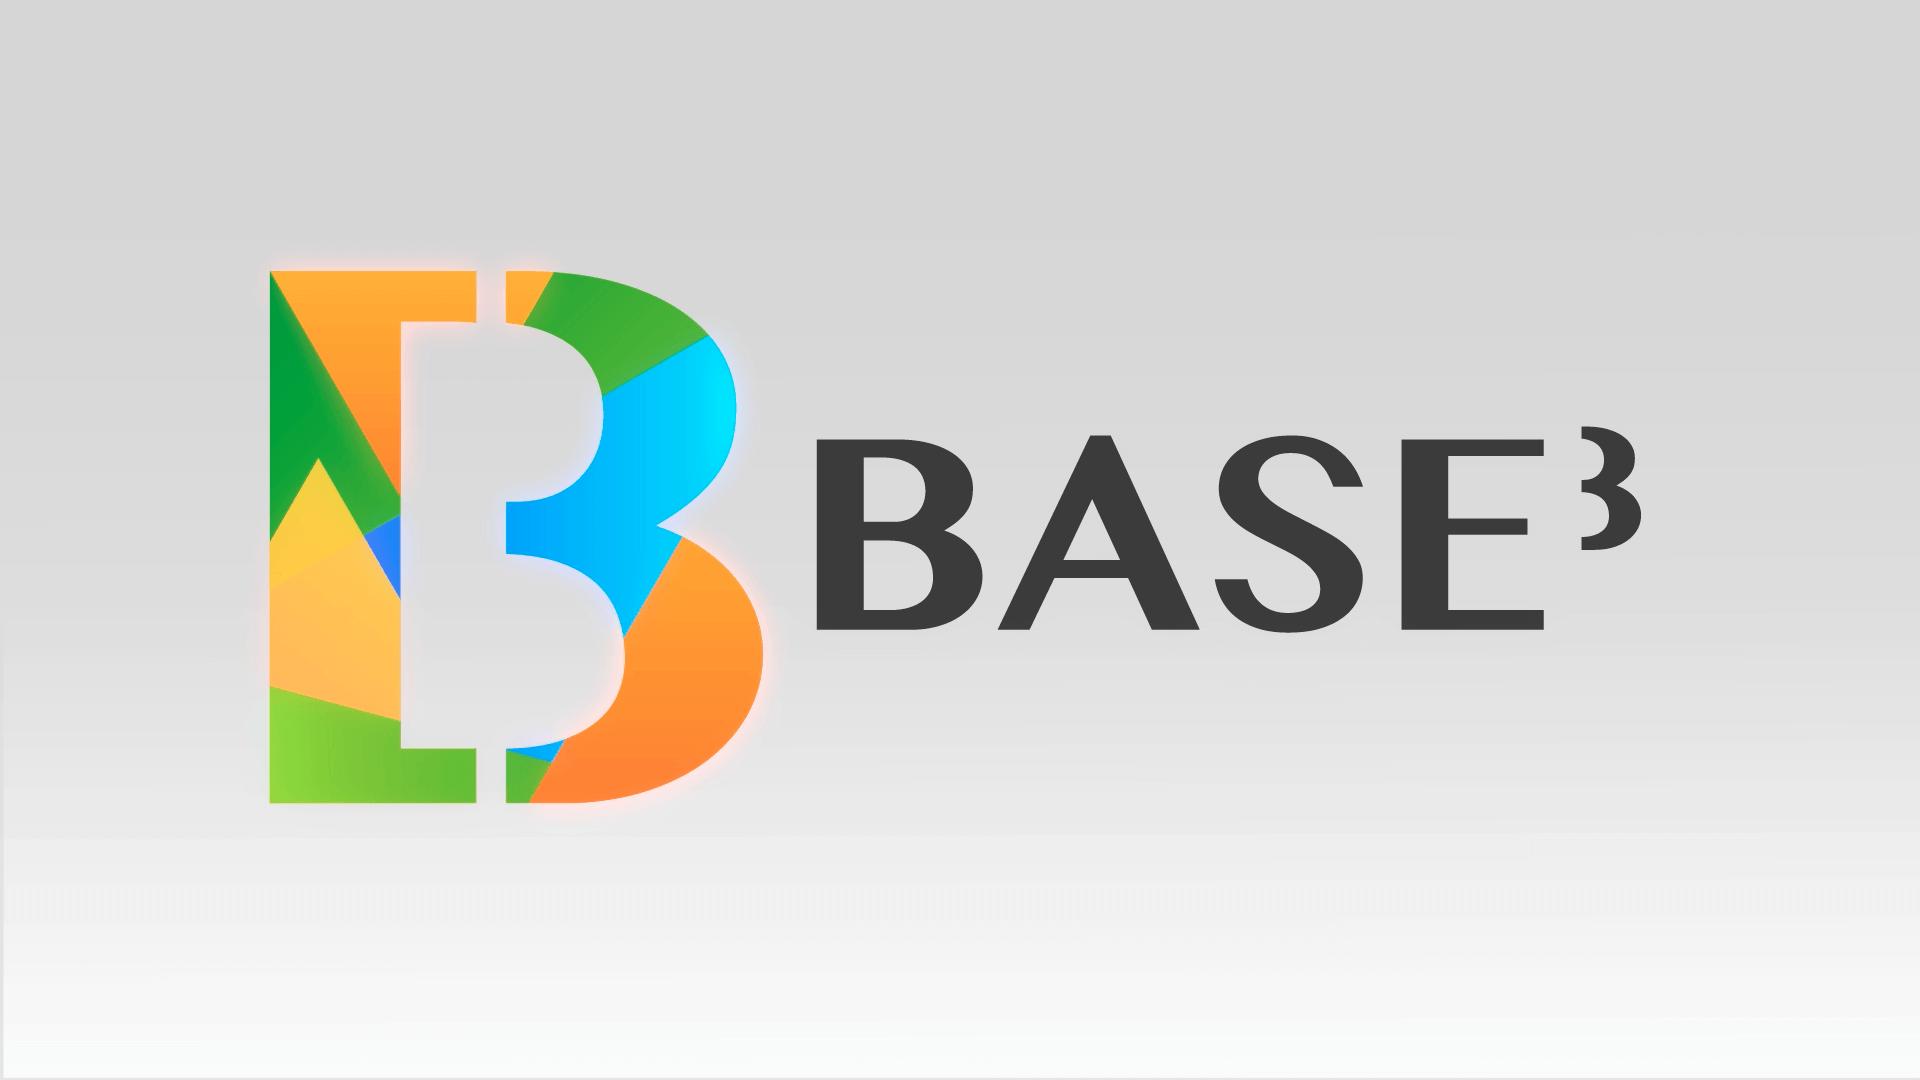 Base 3 – Identité visuelle